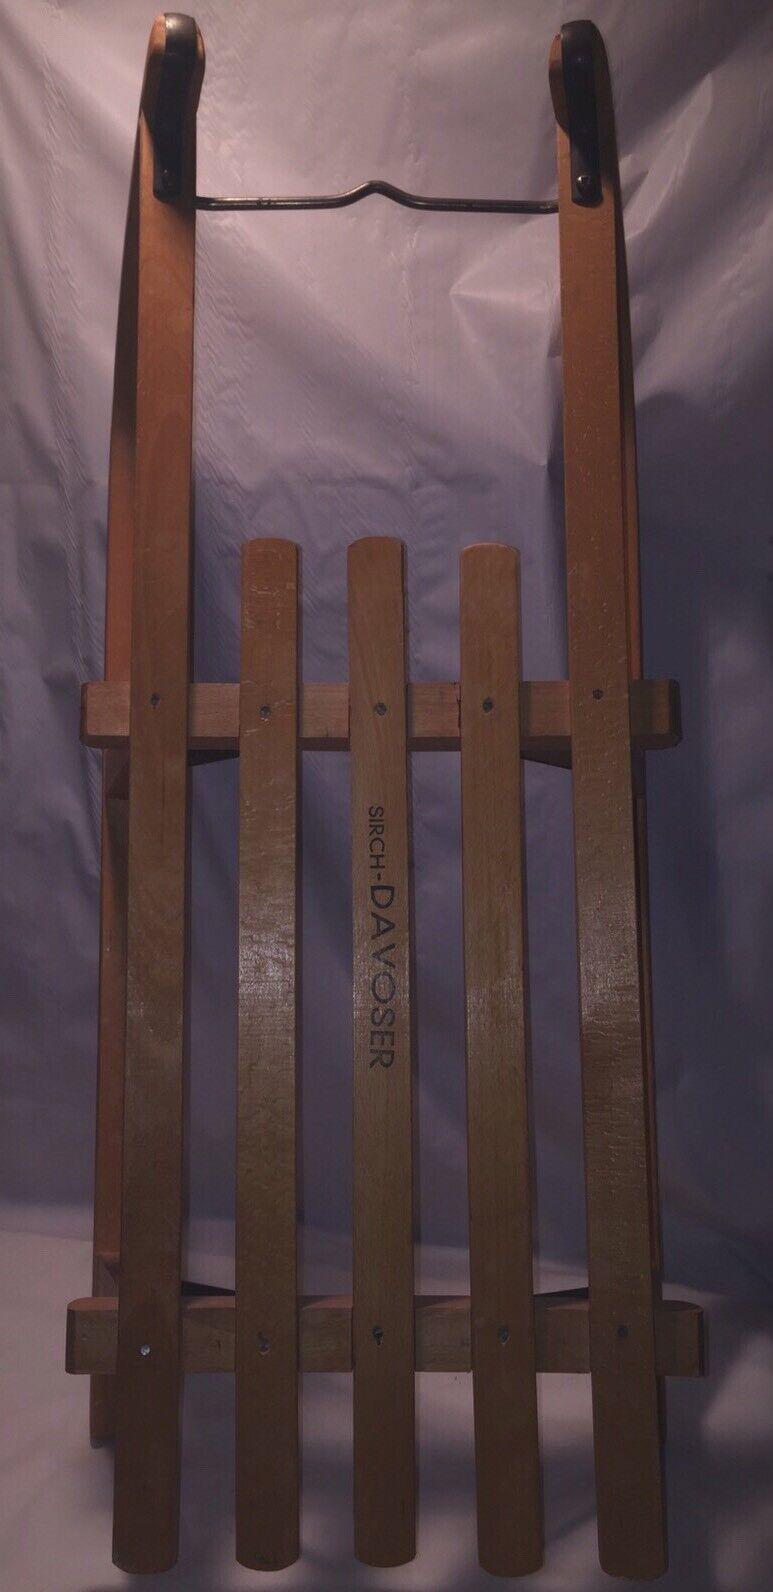 Sirch Davoser Davoser Davoser - Wooden sled (Beechwood) 5f0a74